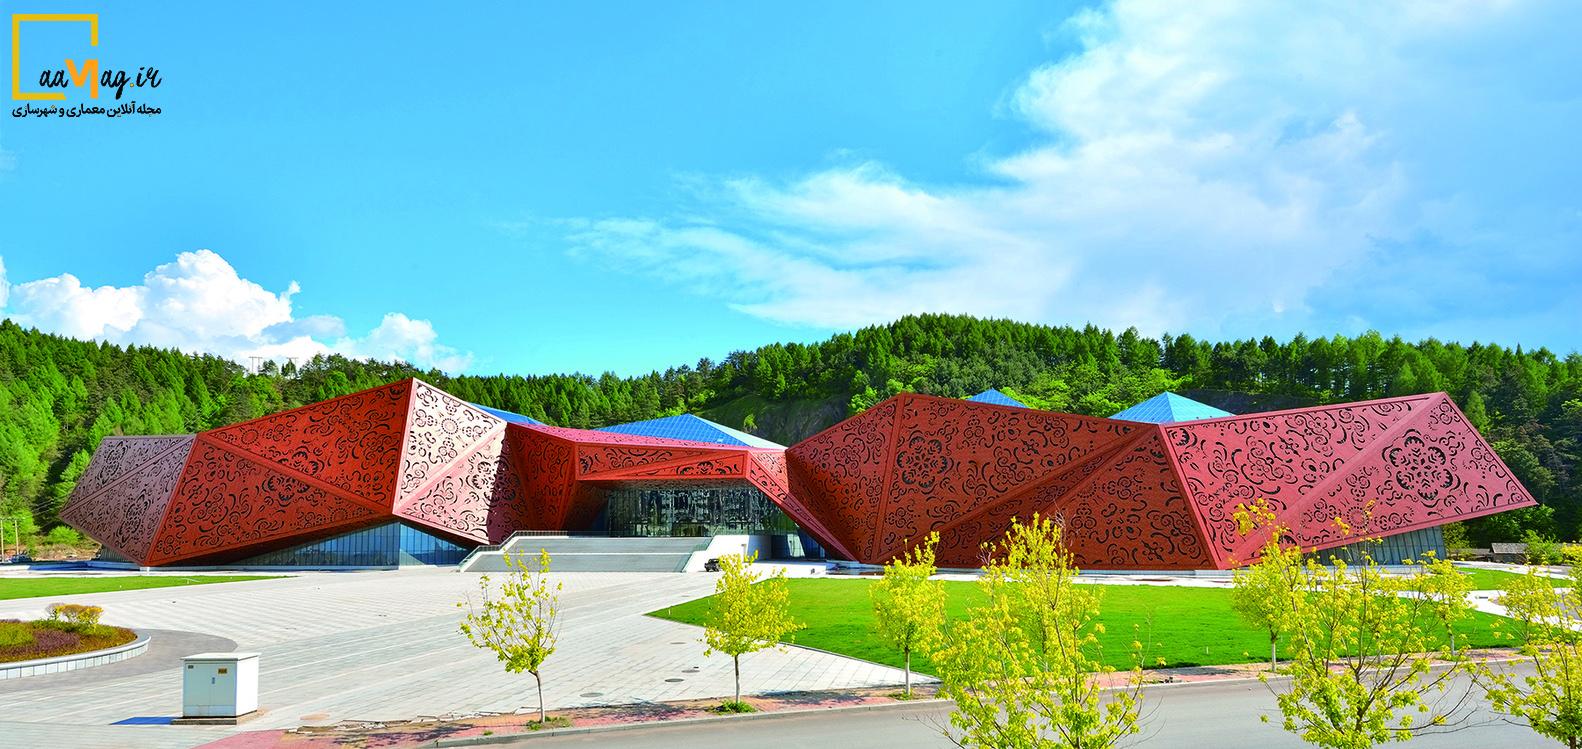 مرکز علمی و فرهنگی Tonghua